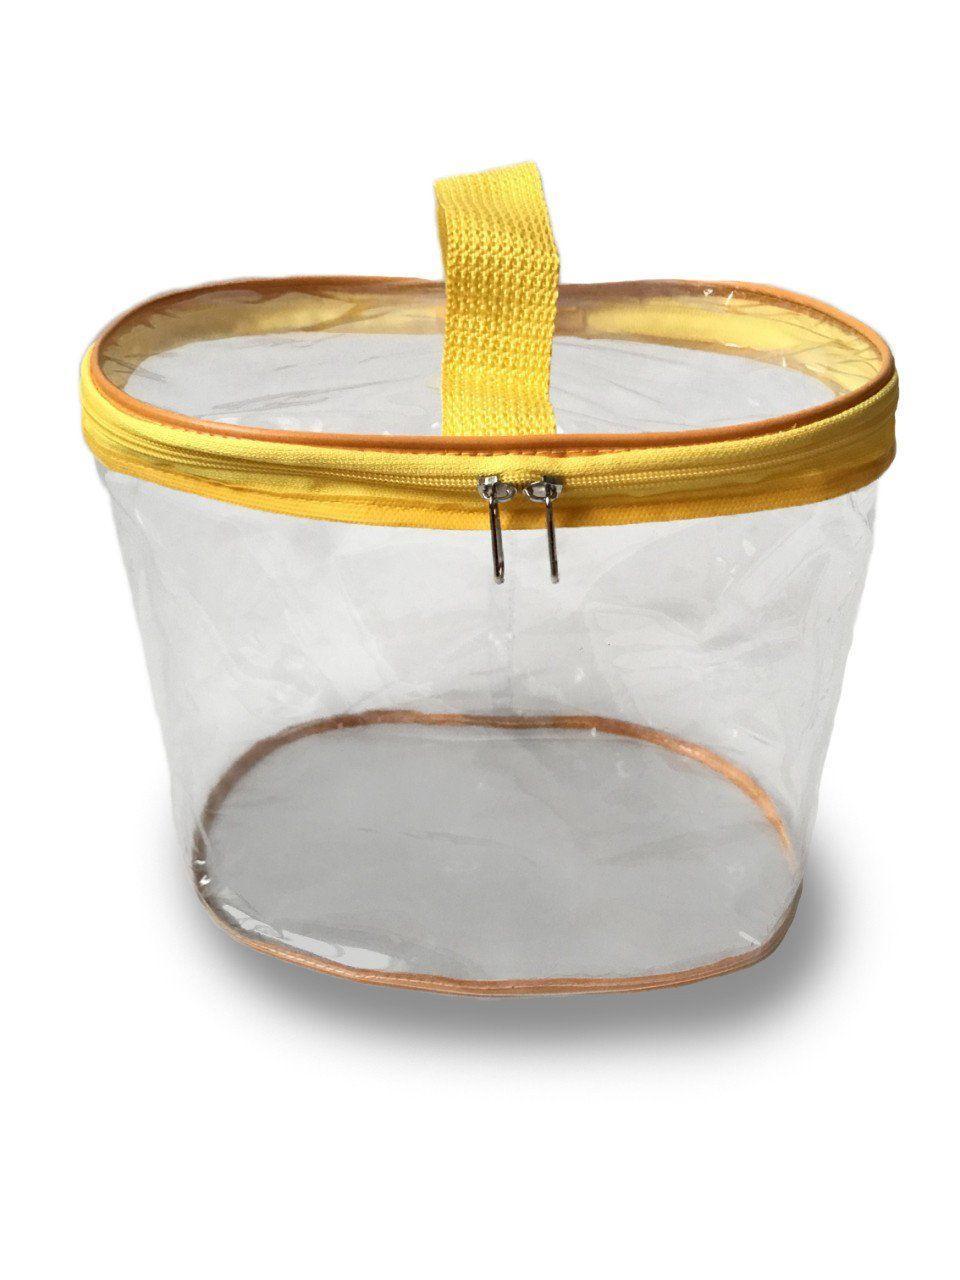 Сумка-органайзер прозрачная в роддом Mommy Bag, цвет - Жёлтый